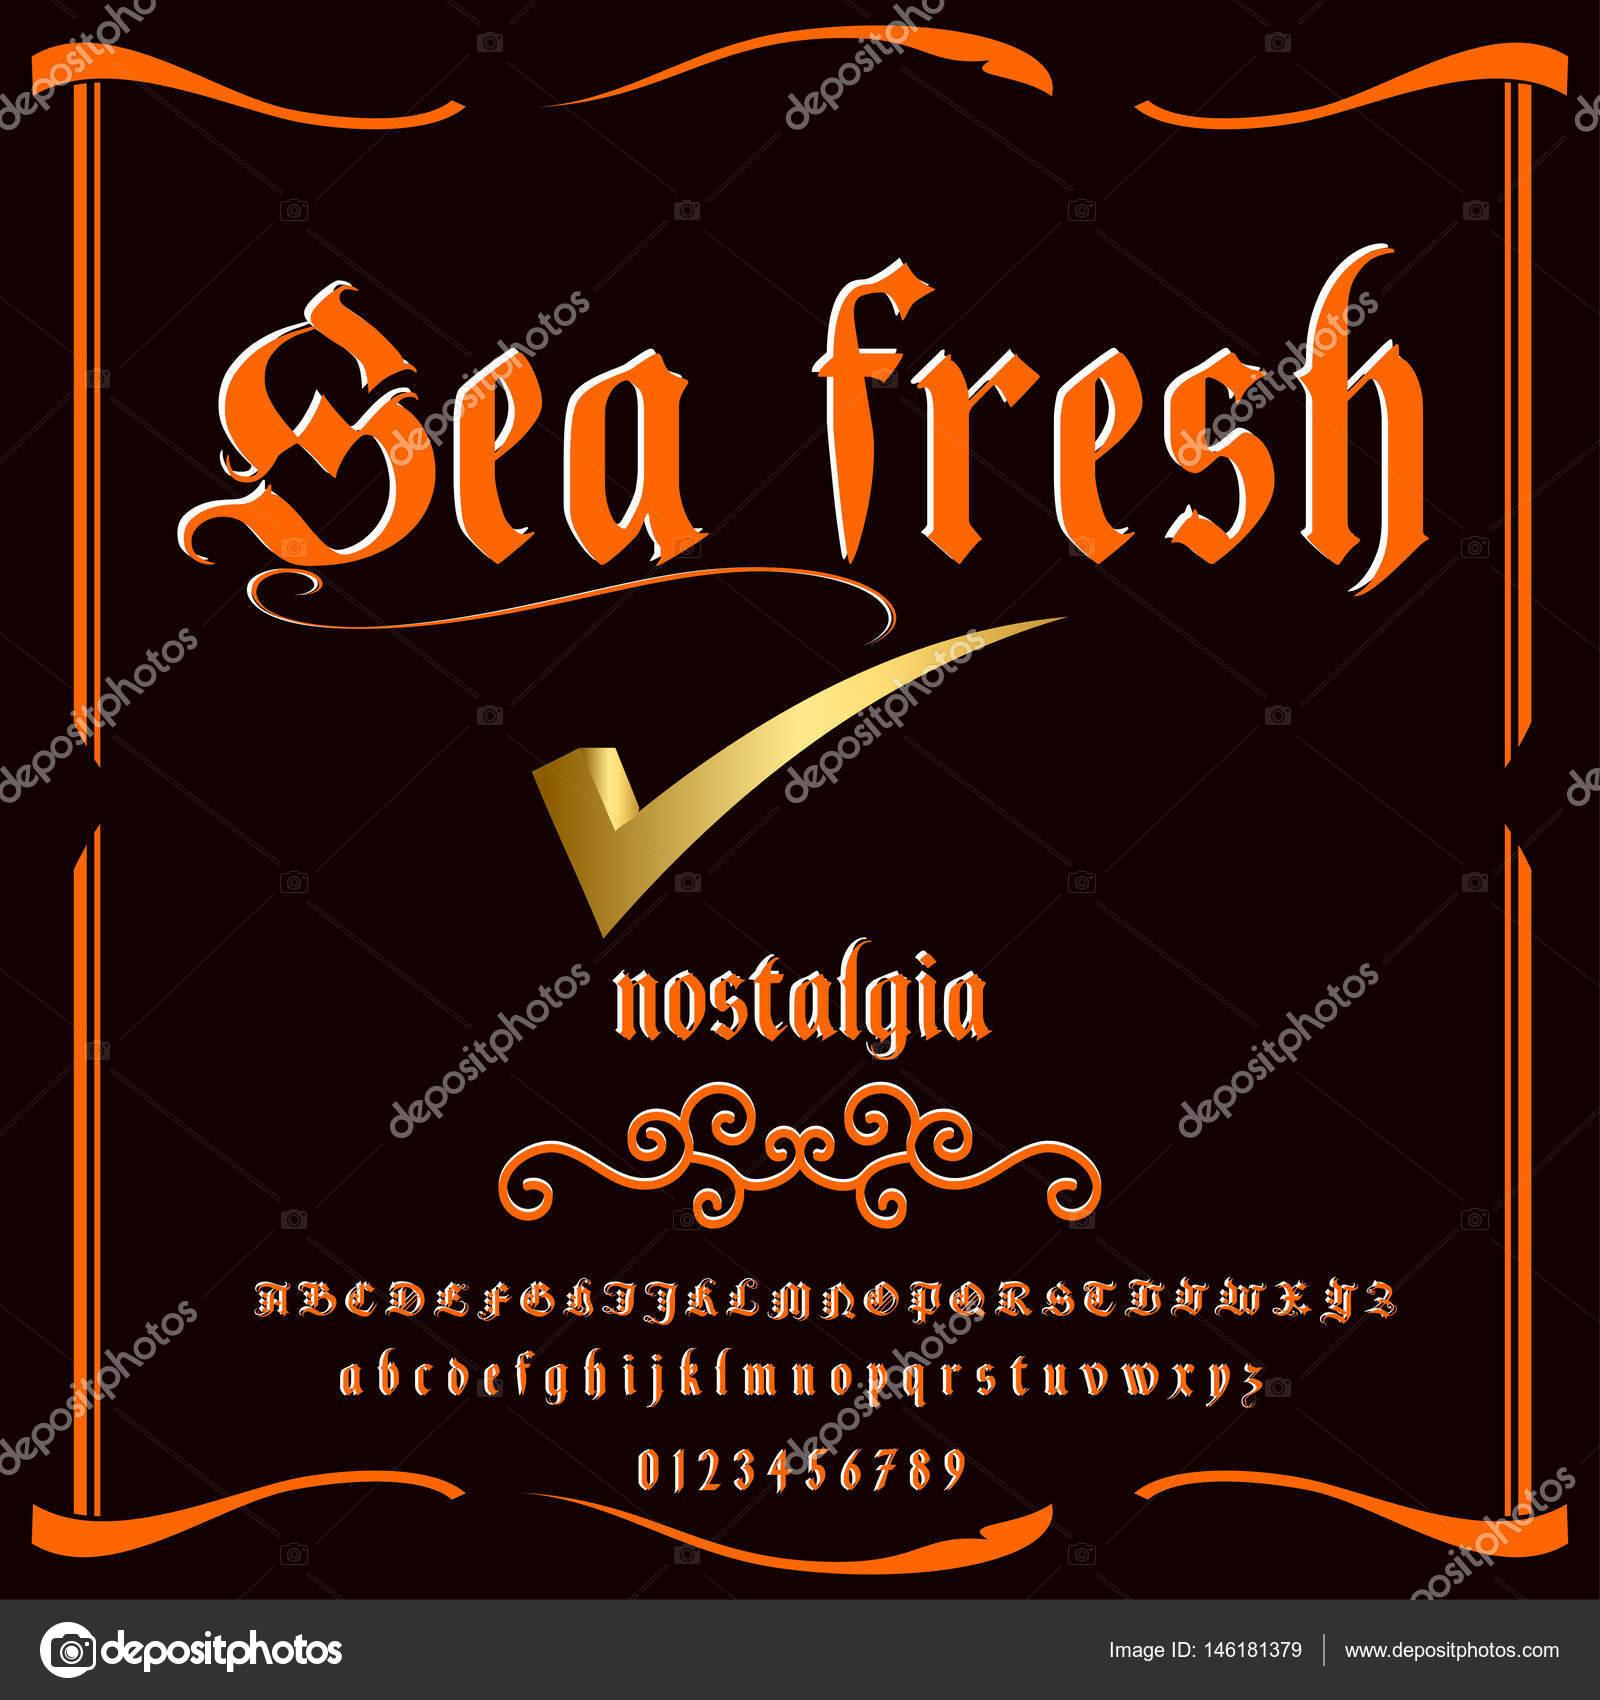 Font Script-Typeface Classic literature vintage script font